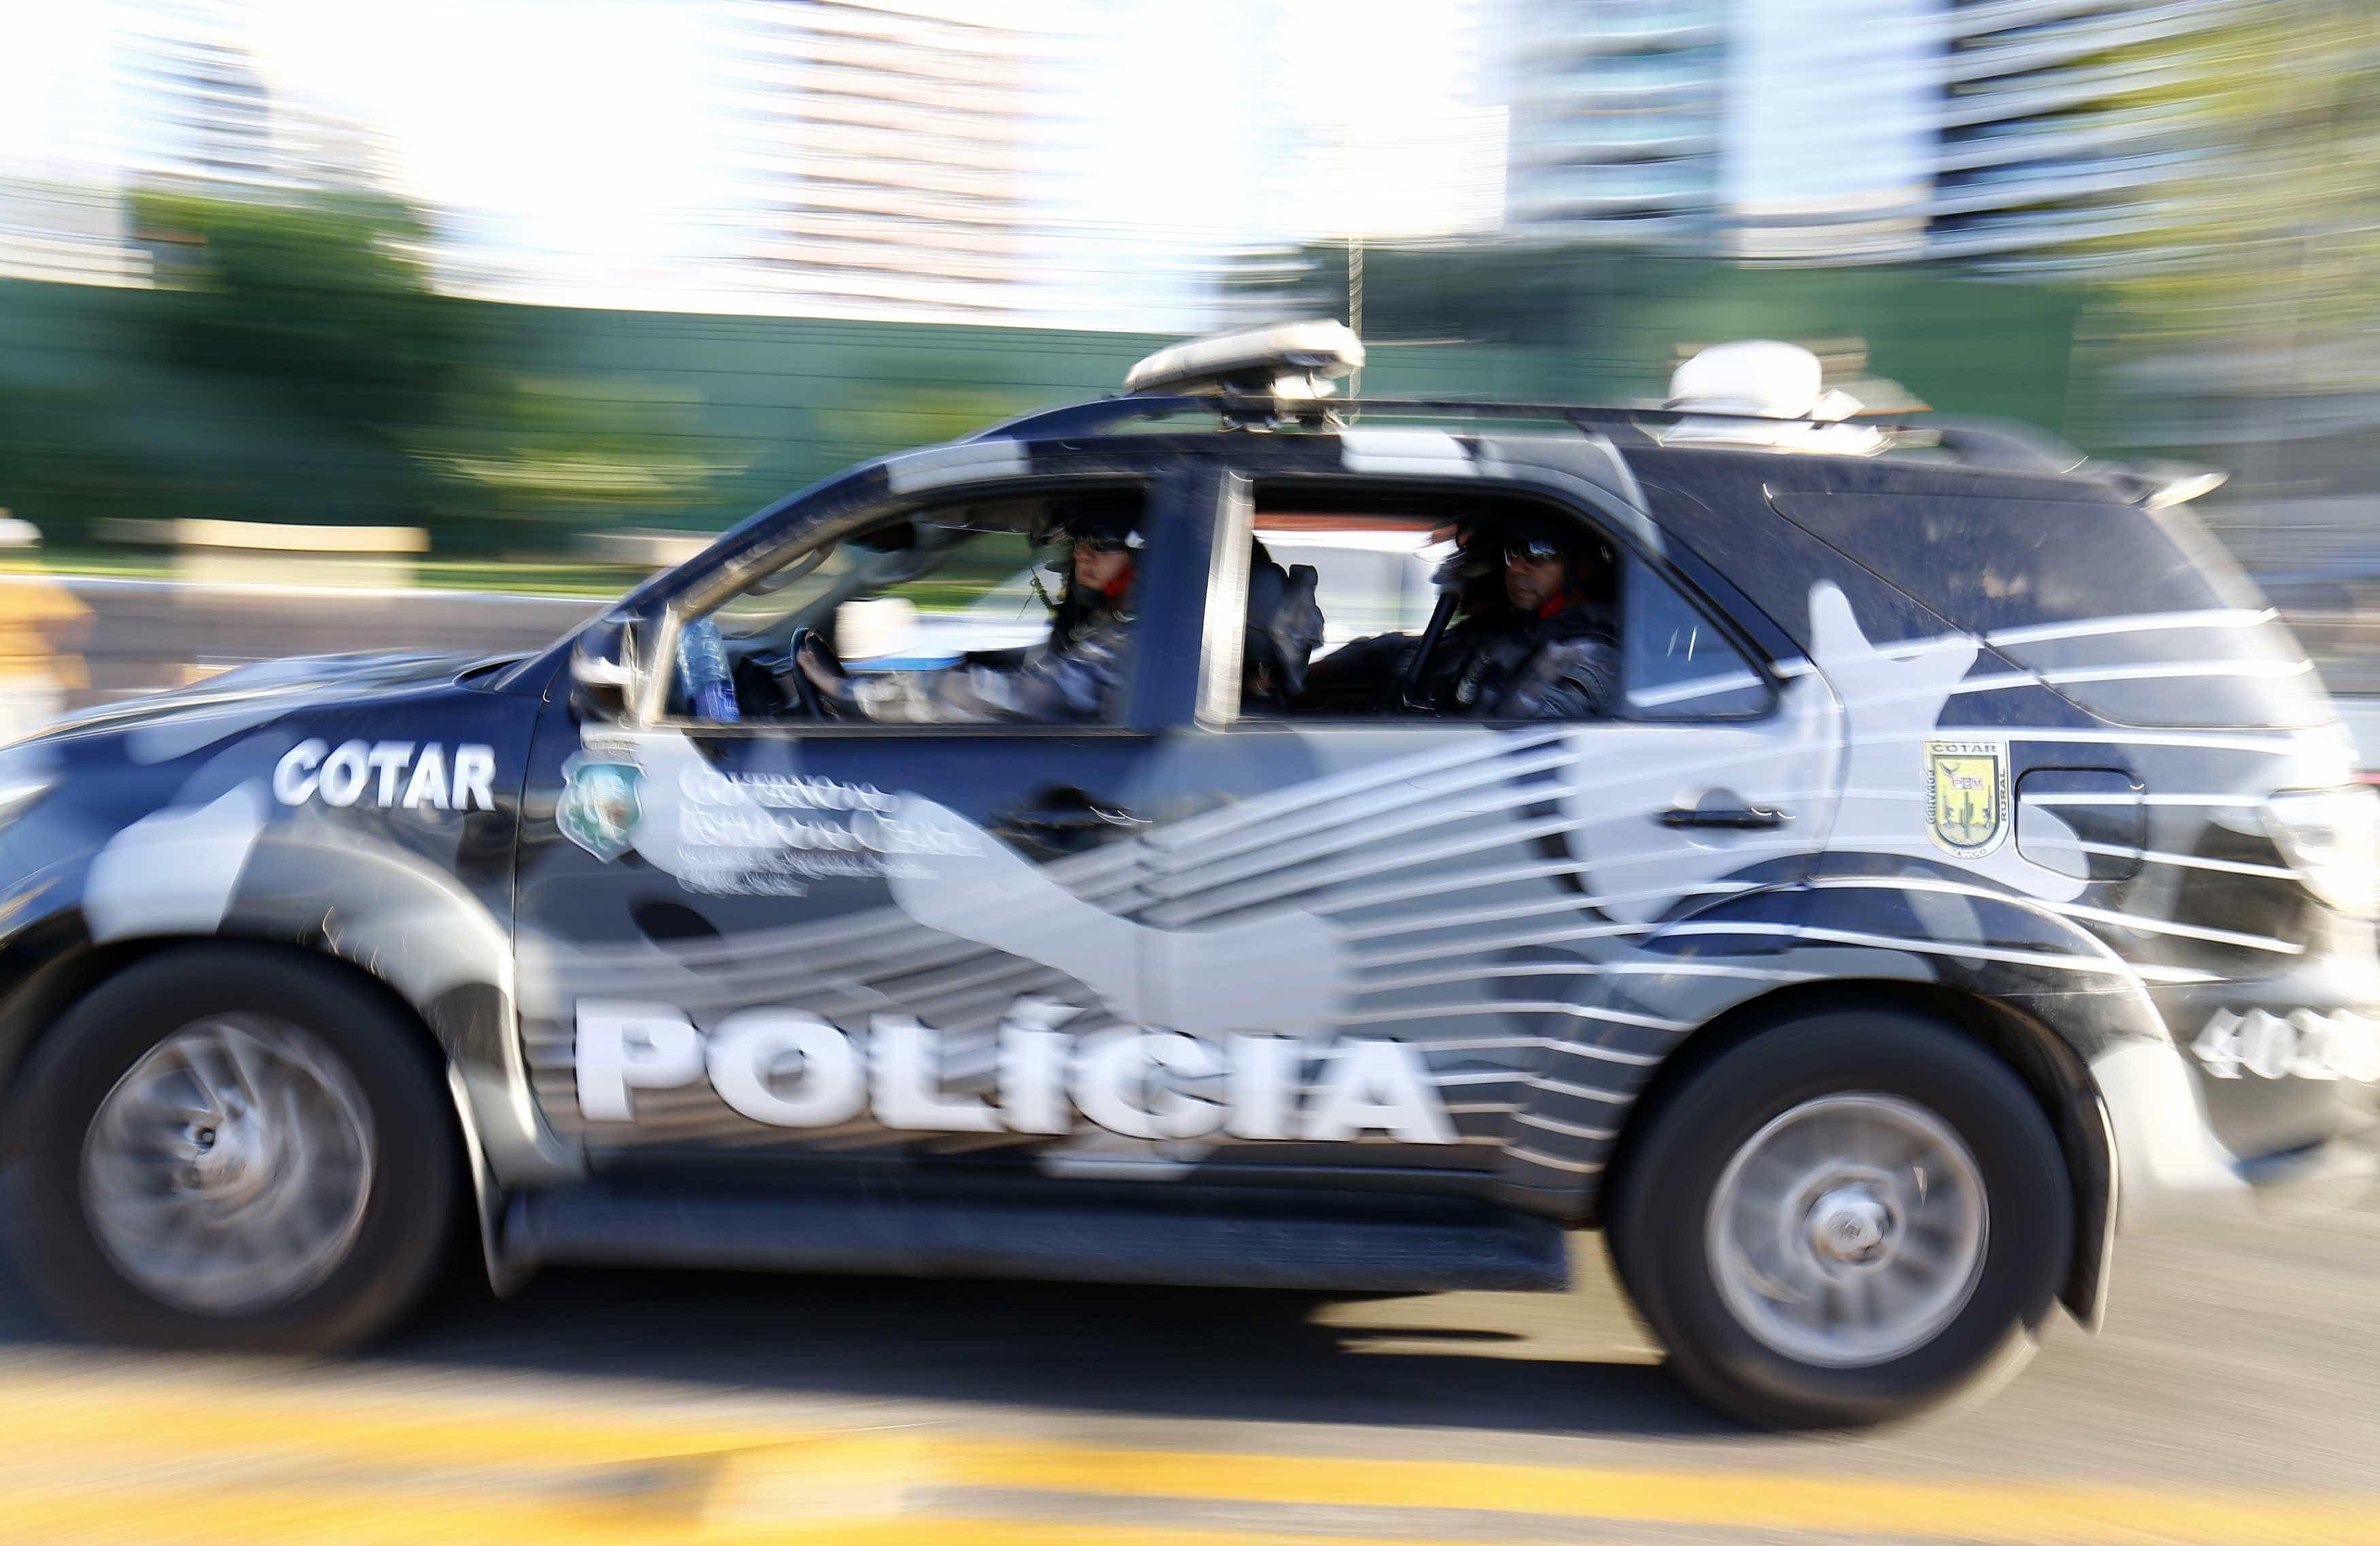 Diretor de clube é morto a tiros em 'saidinha de banco' em Fortaleza